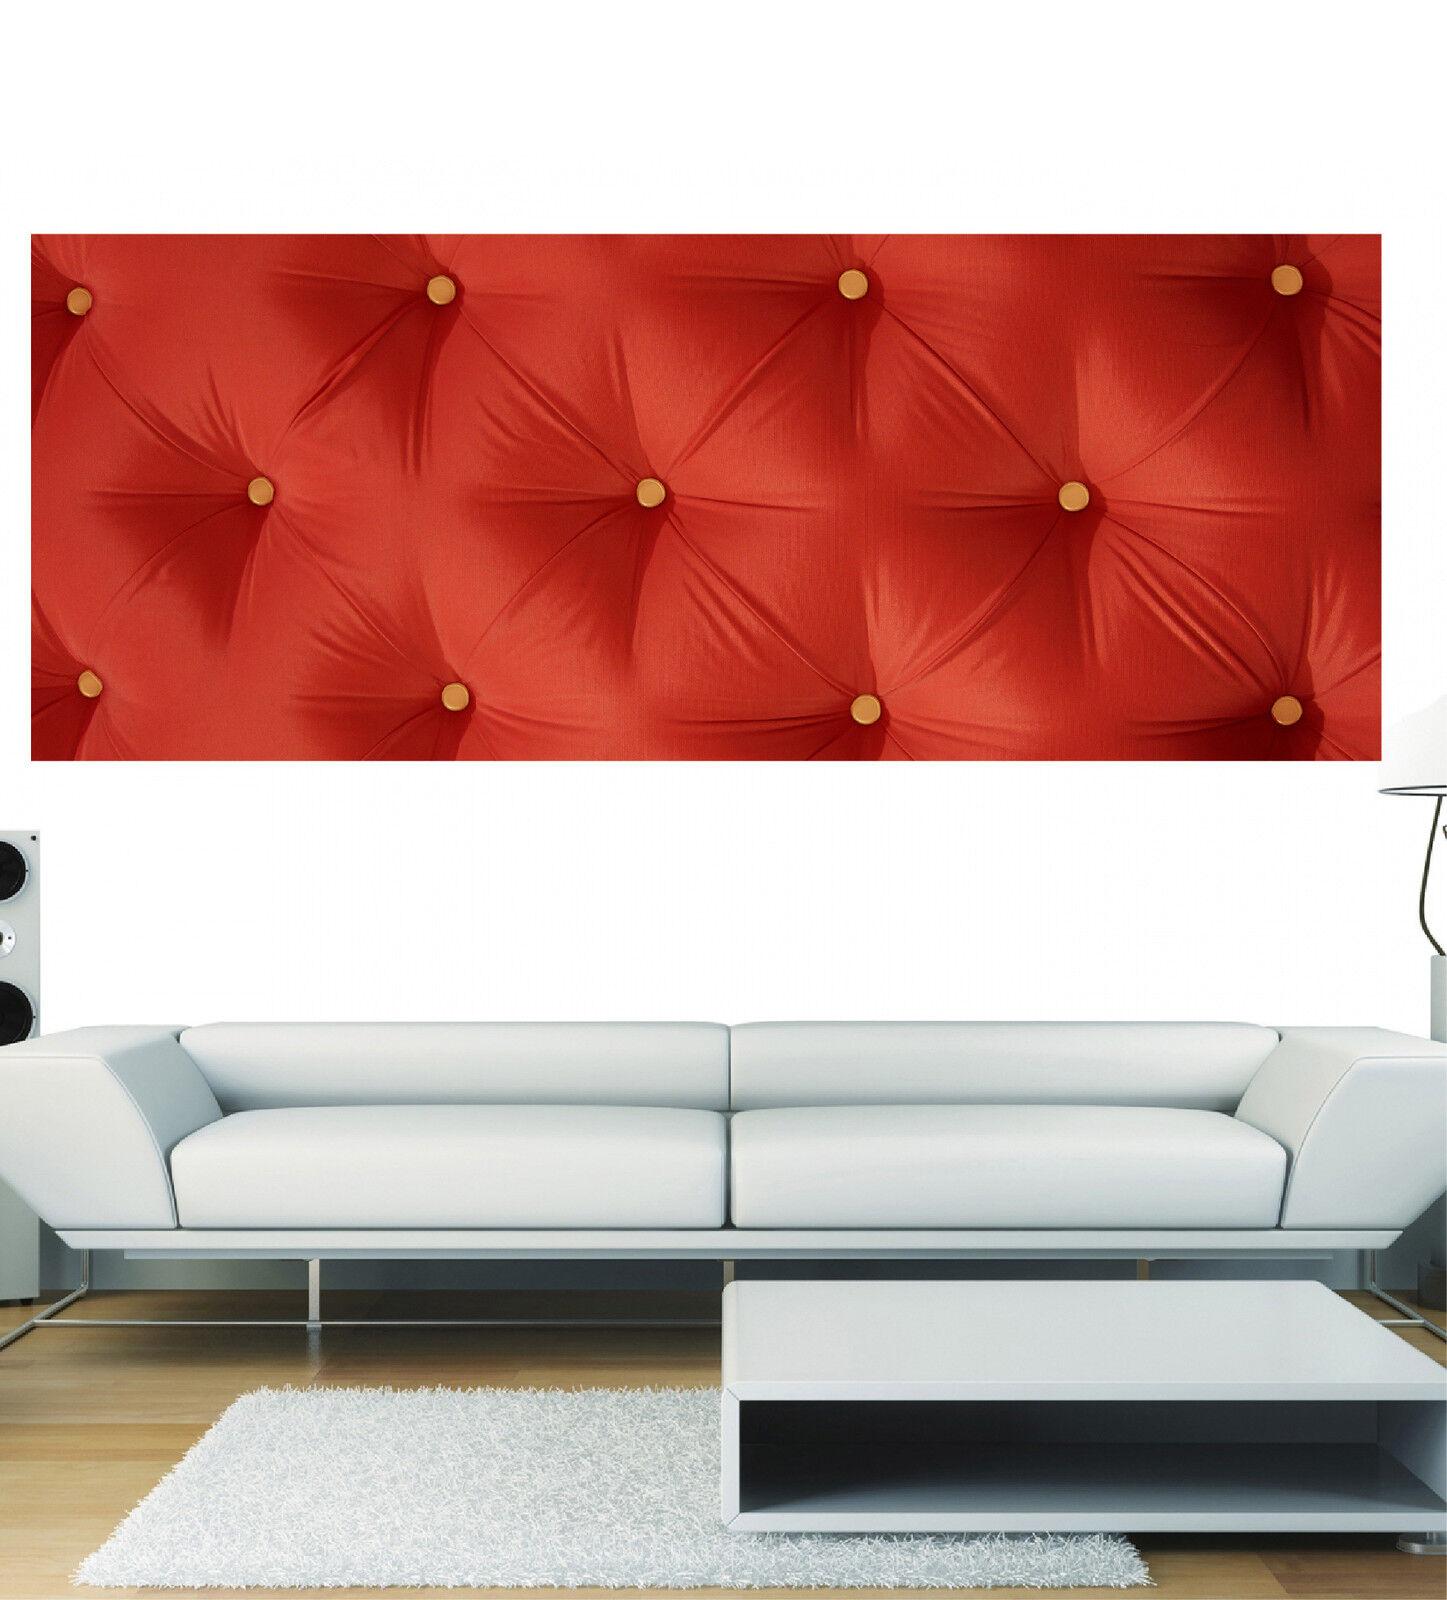 Stickers panoramique 3621 déco mural Capitoné Rouge réf 3621 panoramique ( 13 diHommes sions ) d6ccb0